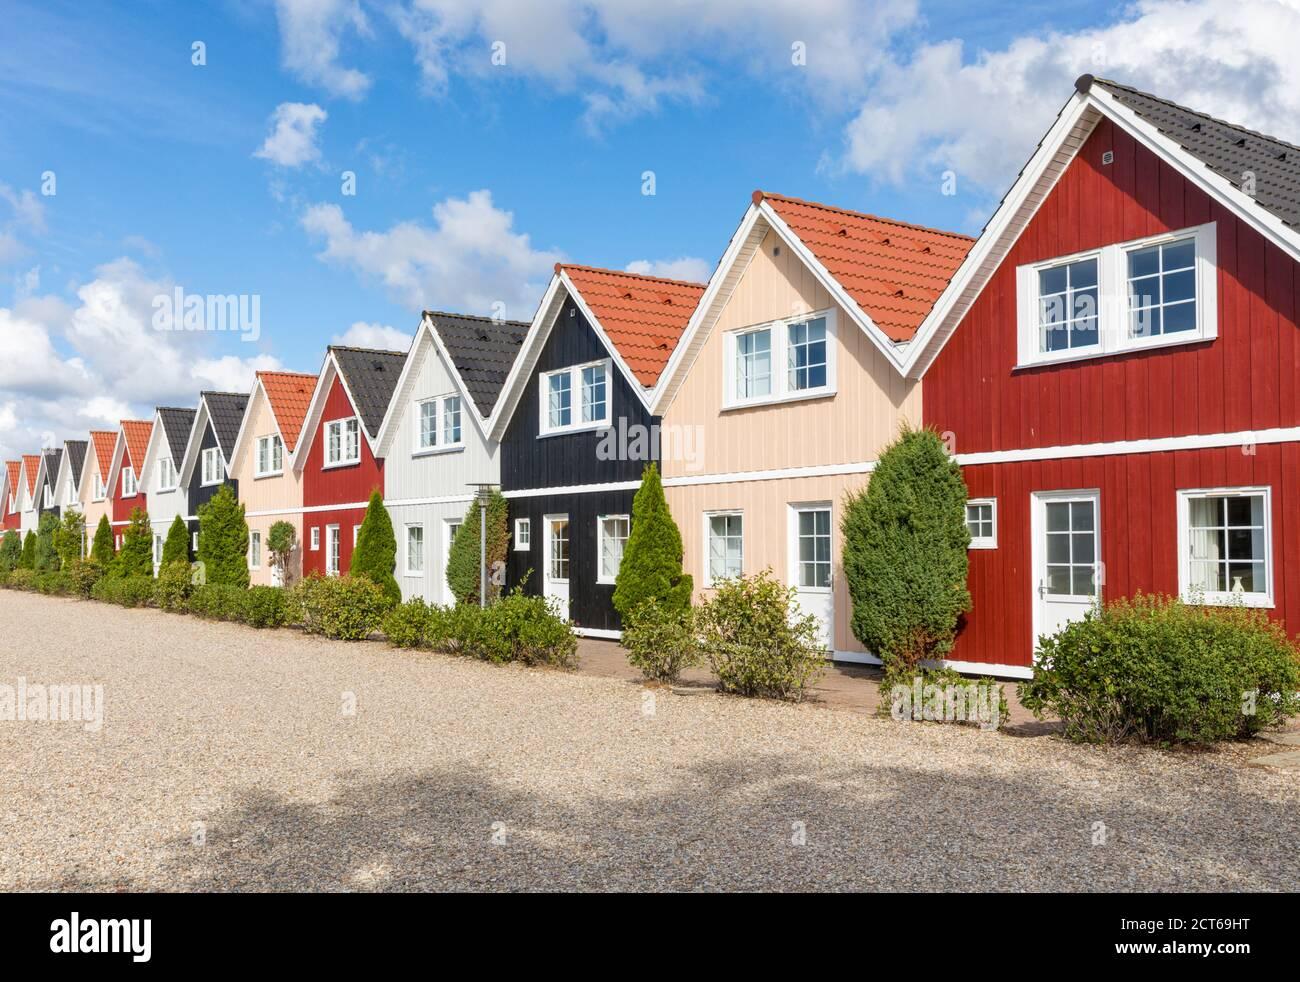 Reihe von fast identischen Holzferienhäusern in Dänemark Stockfoto